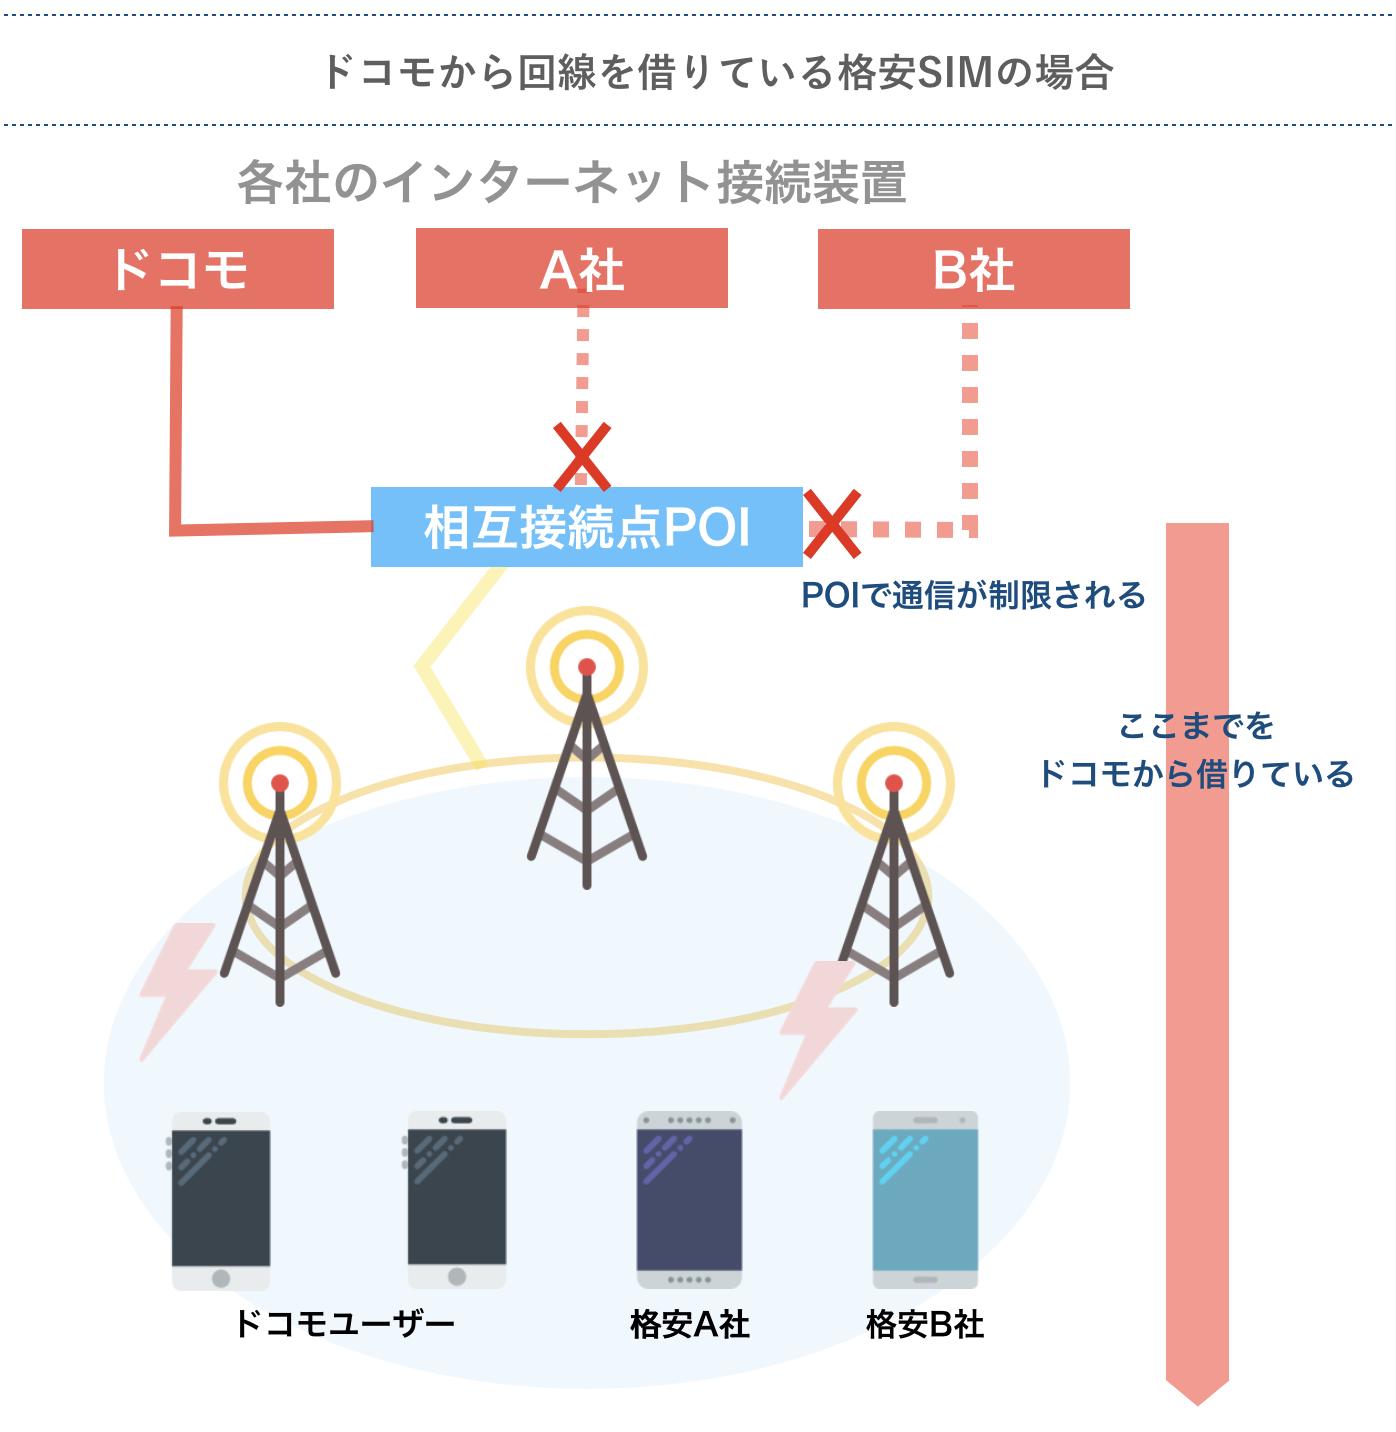 ドコモから回線を借りている格安SIMの場合